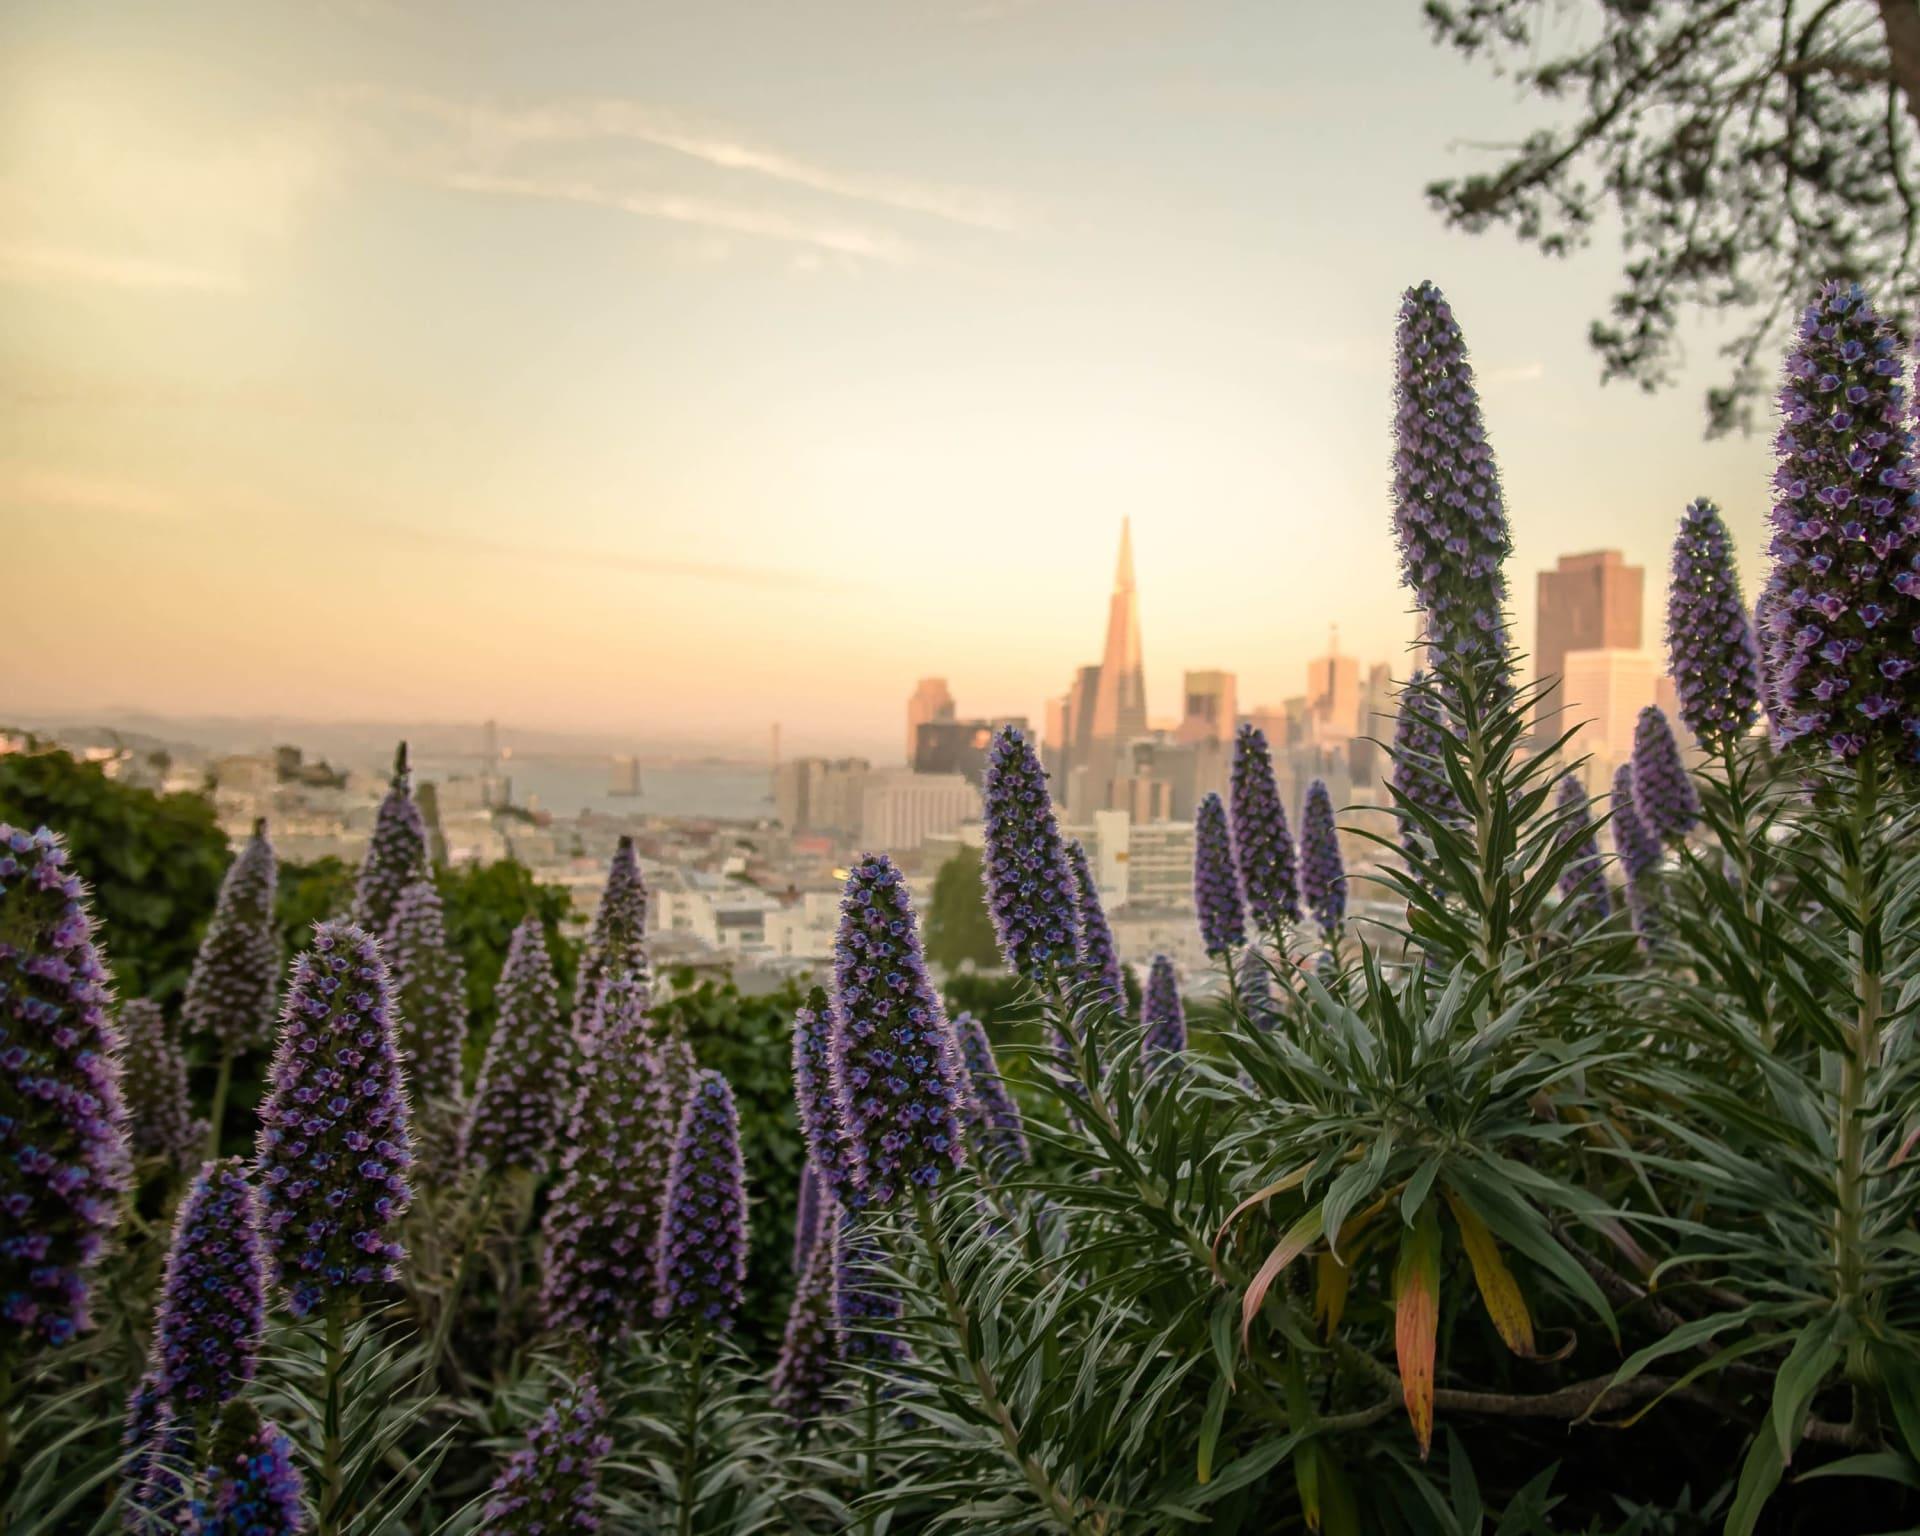 San Francisco Bay Area Real Estate - A Comprehensive Survey, Spring 2021